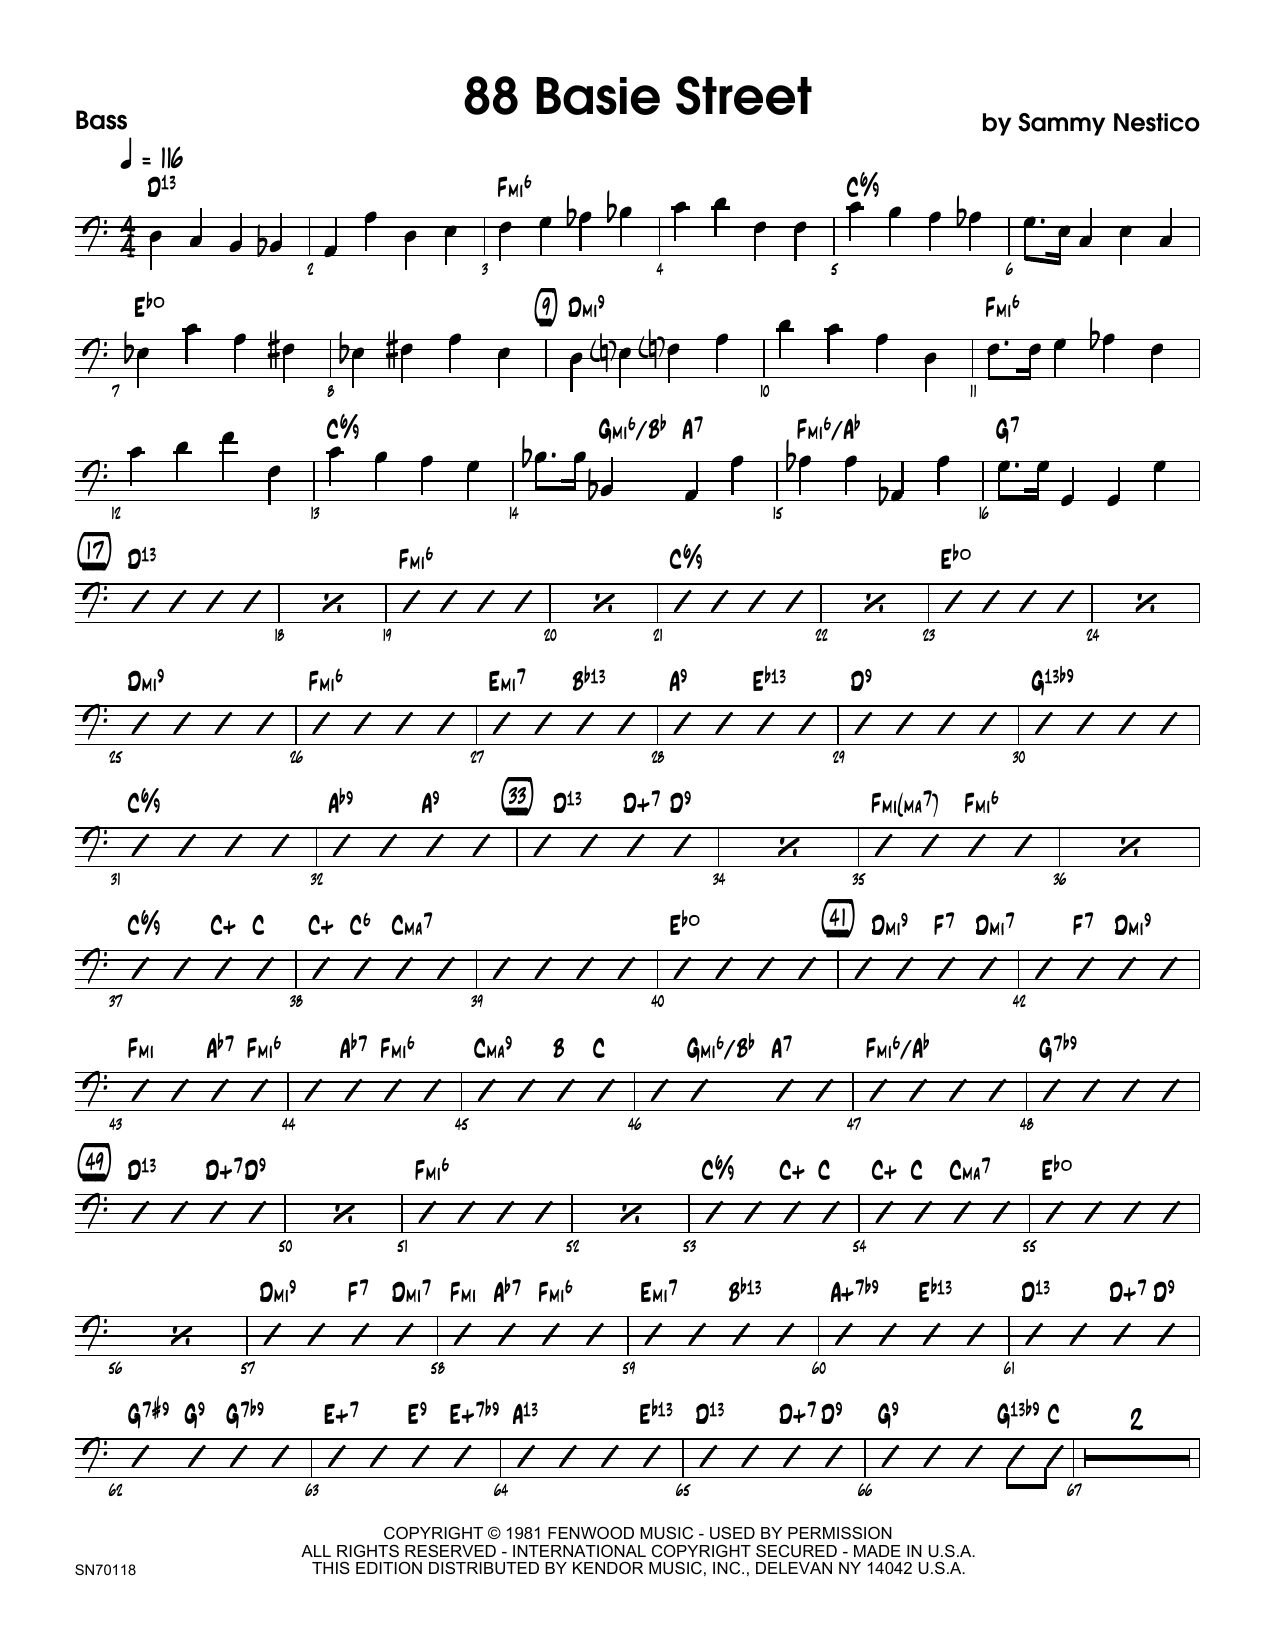 88 Basie Street - Bass Sheet Music